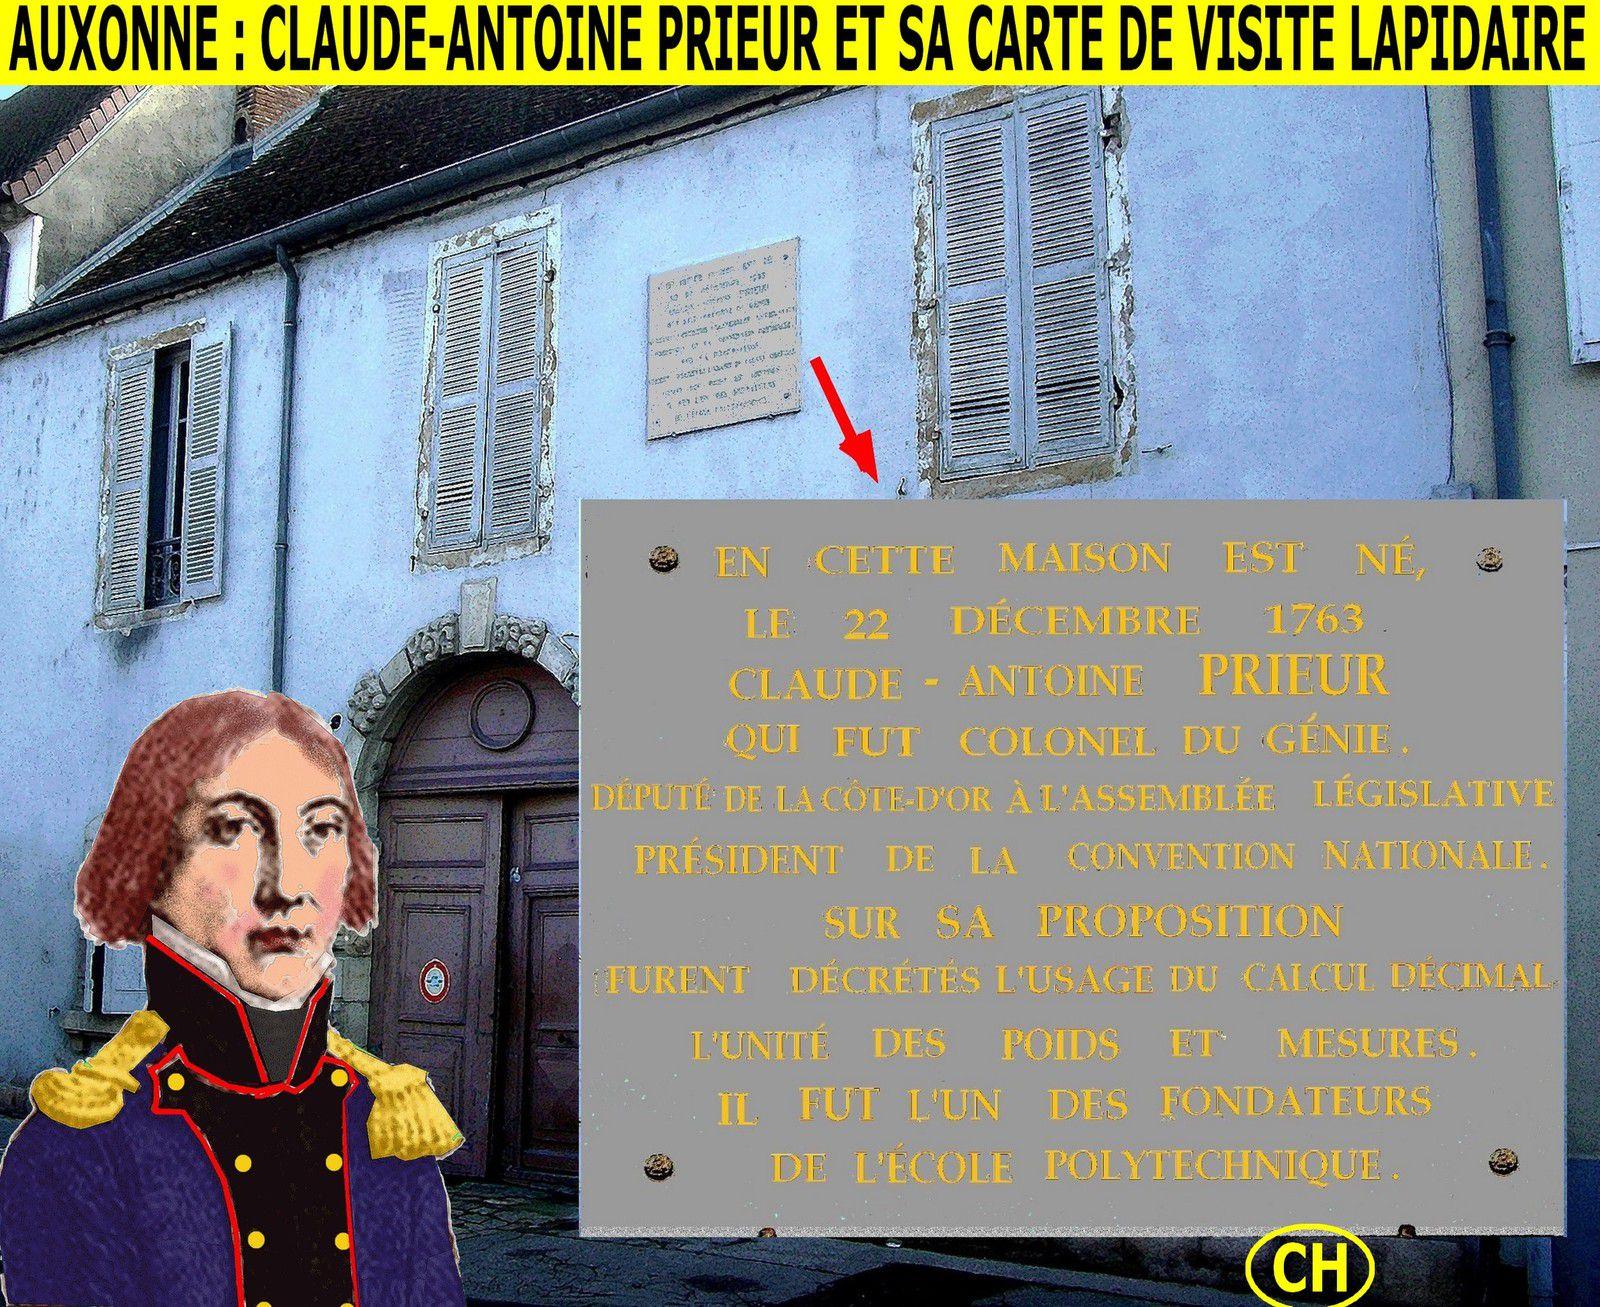 Auxonne, Claude-Antoine Prieur et sa carte de visite lapidaire.jpg